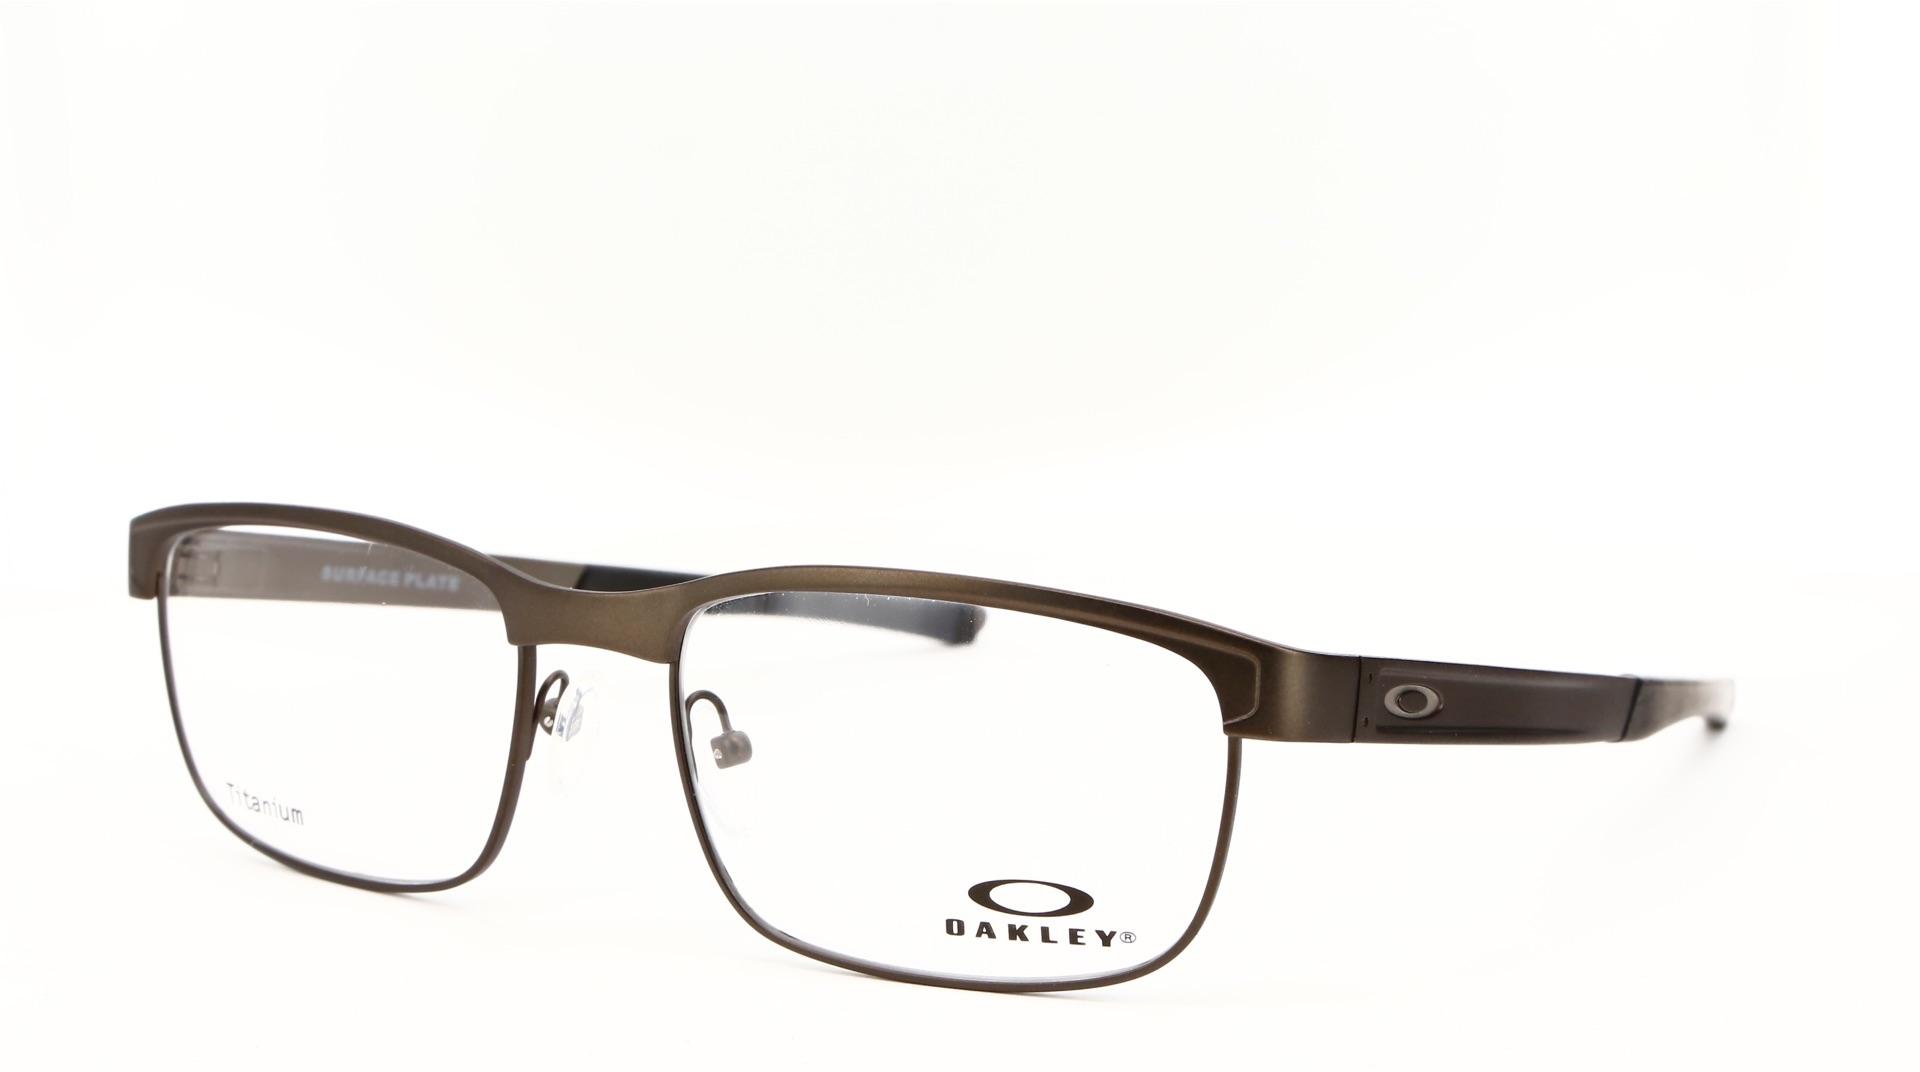 Oakley - ref: 78530